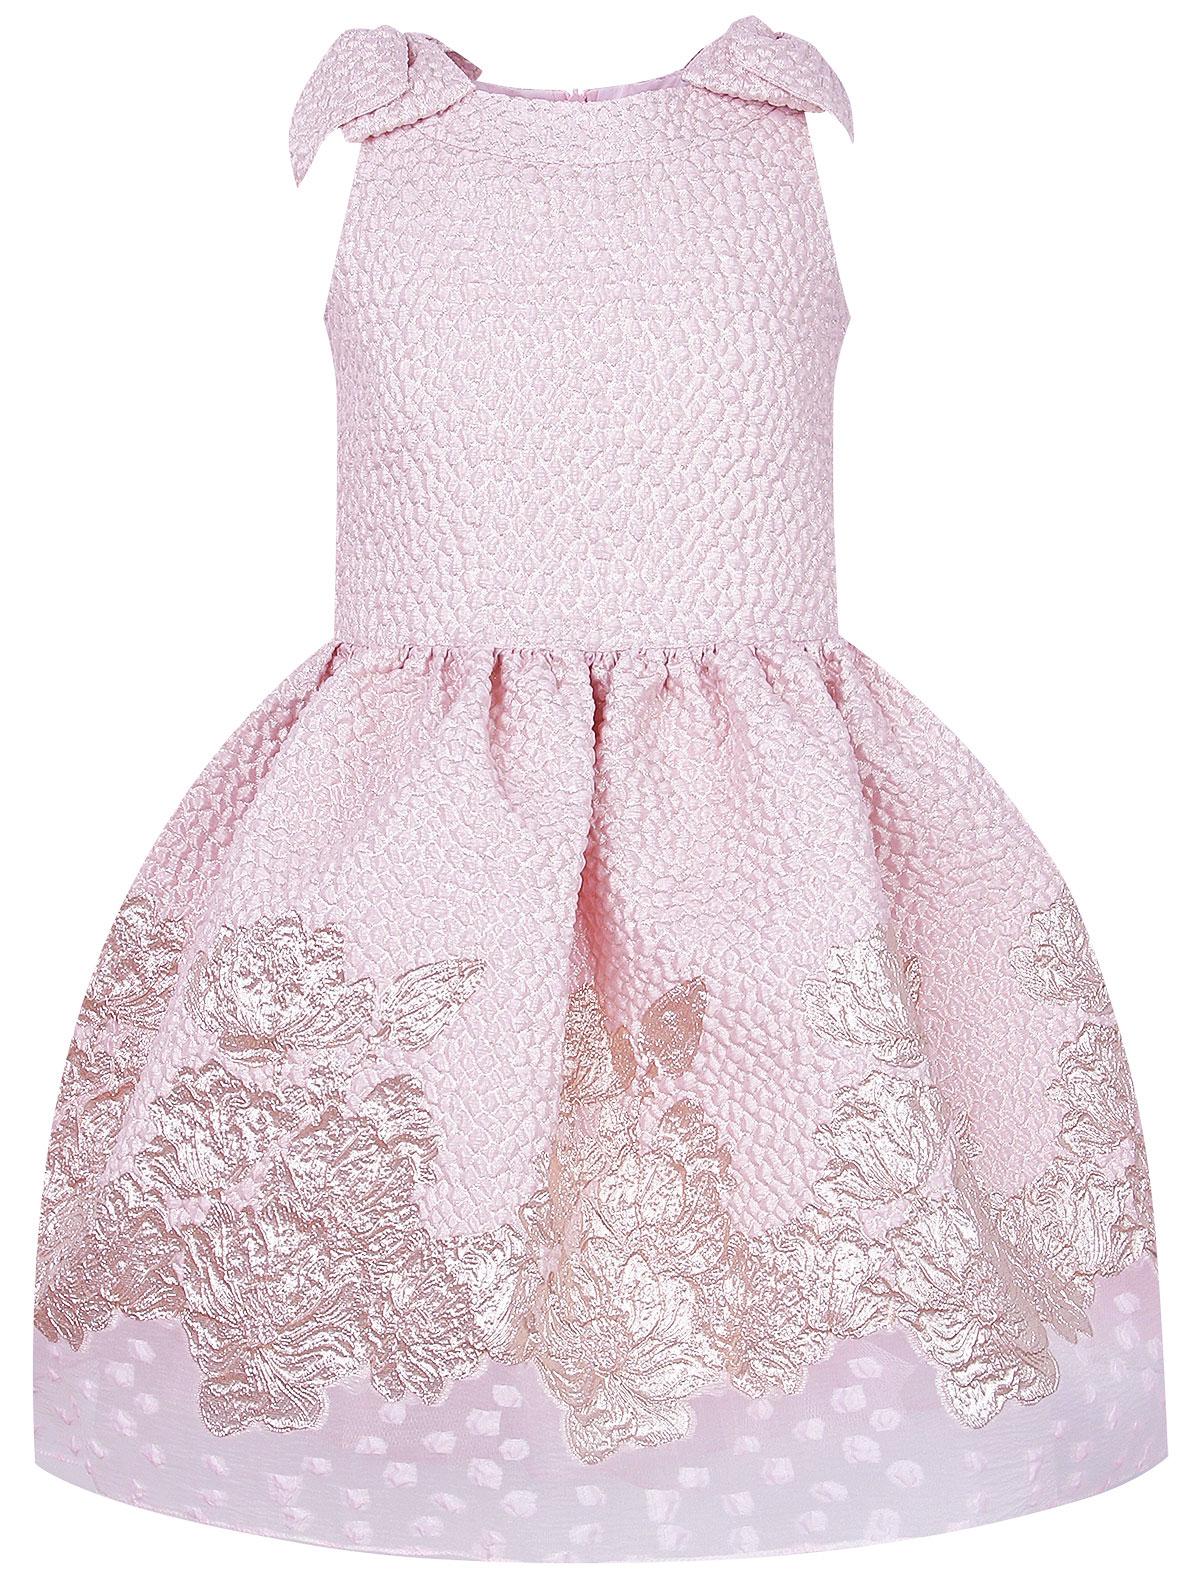 Купить 2202904, Платье David Charles, розовый, Женский, 1054609072400